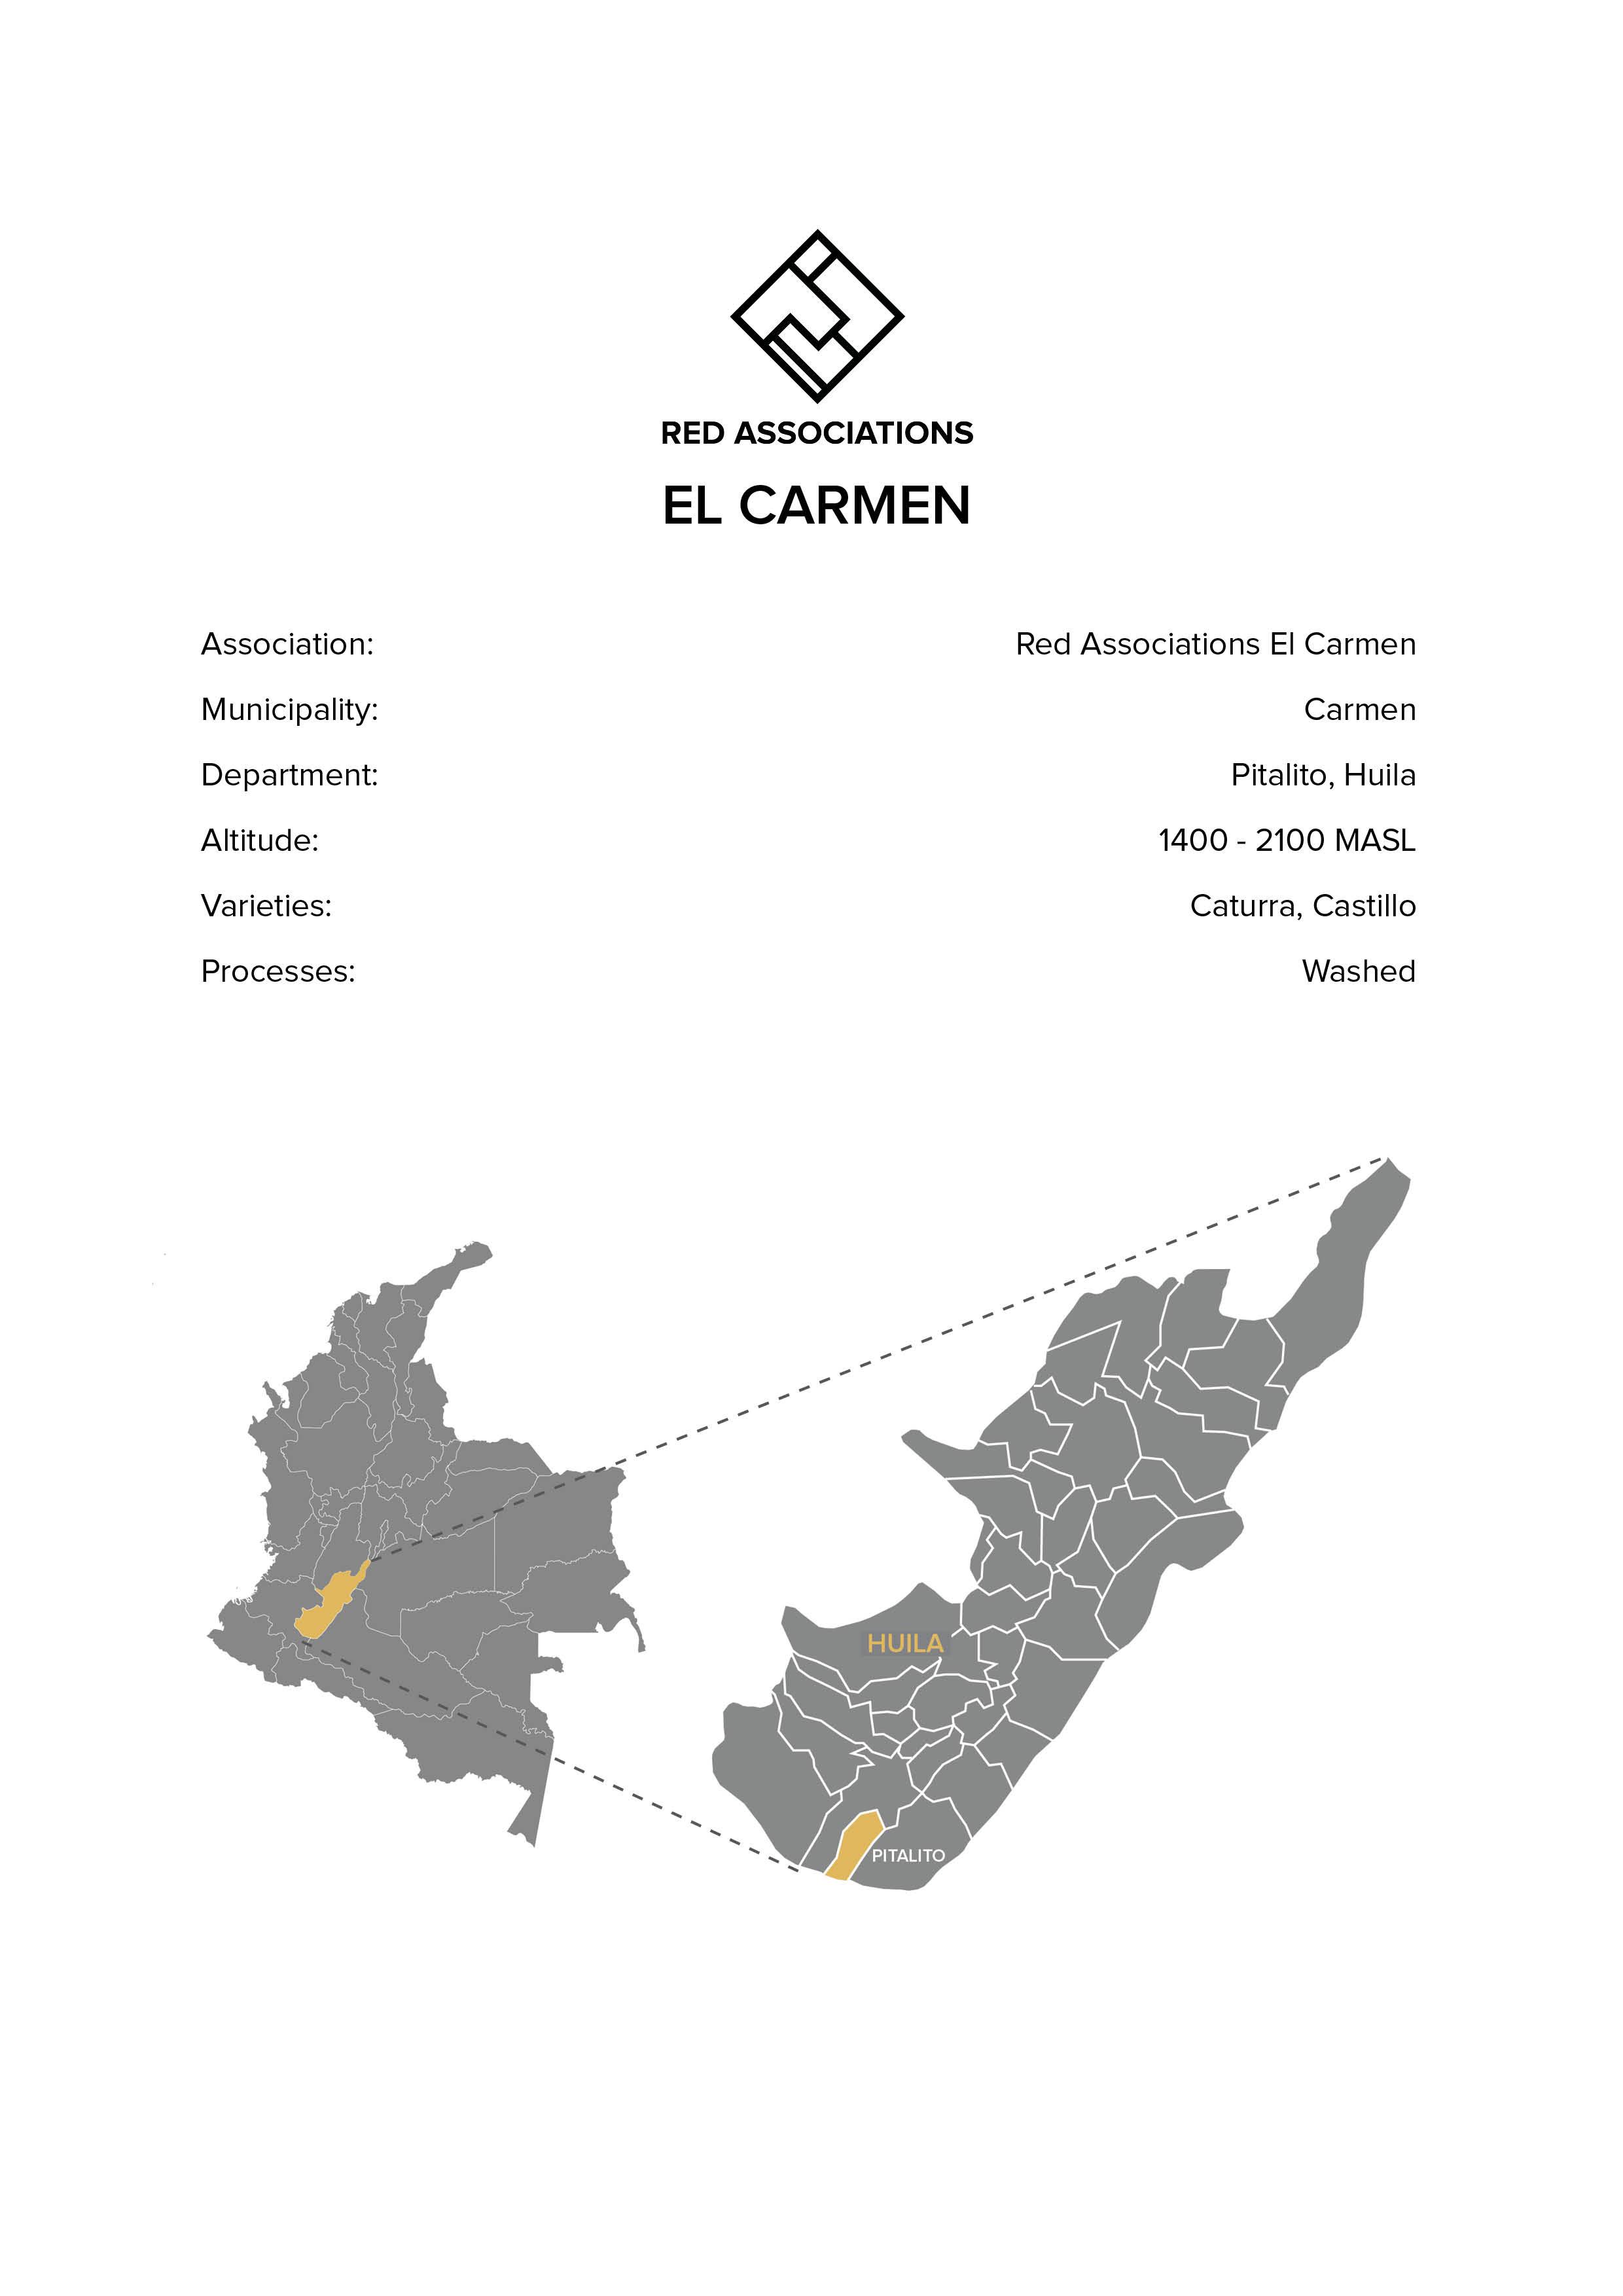 Red Associations El Carmen.jpg